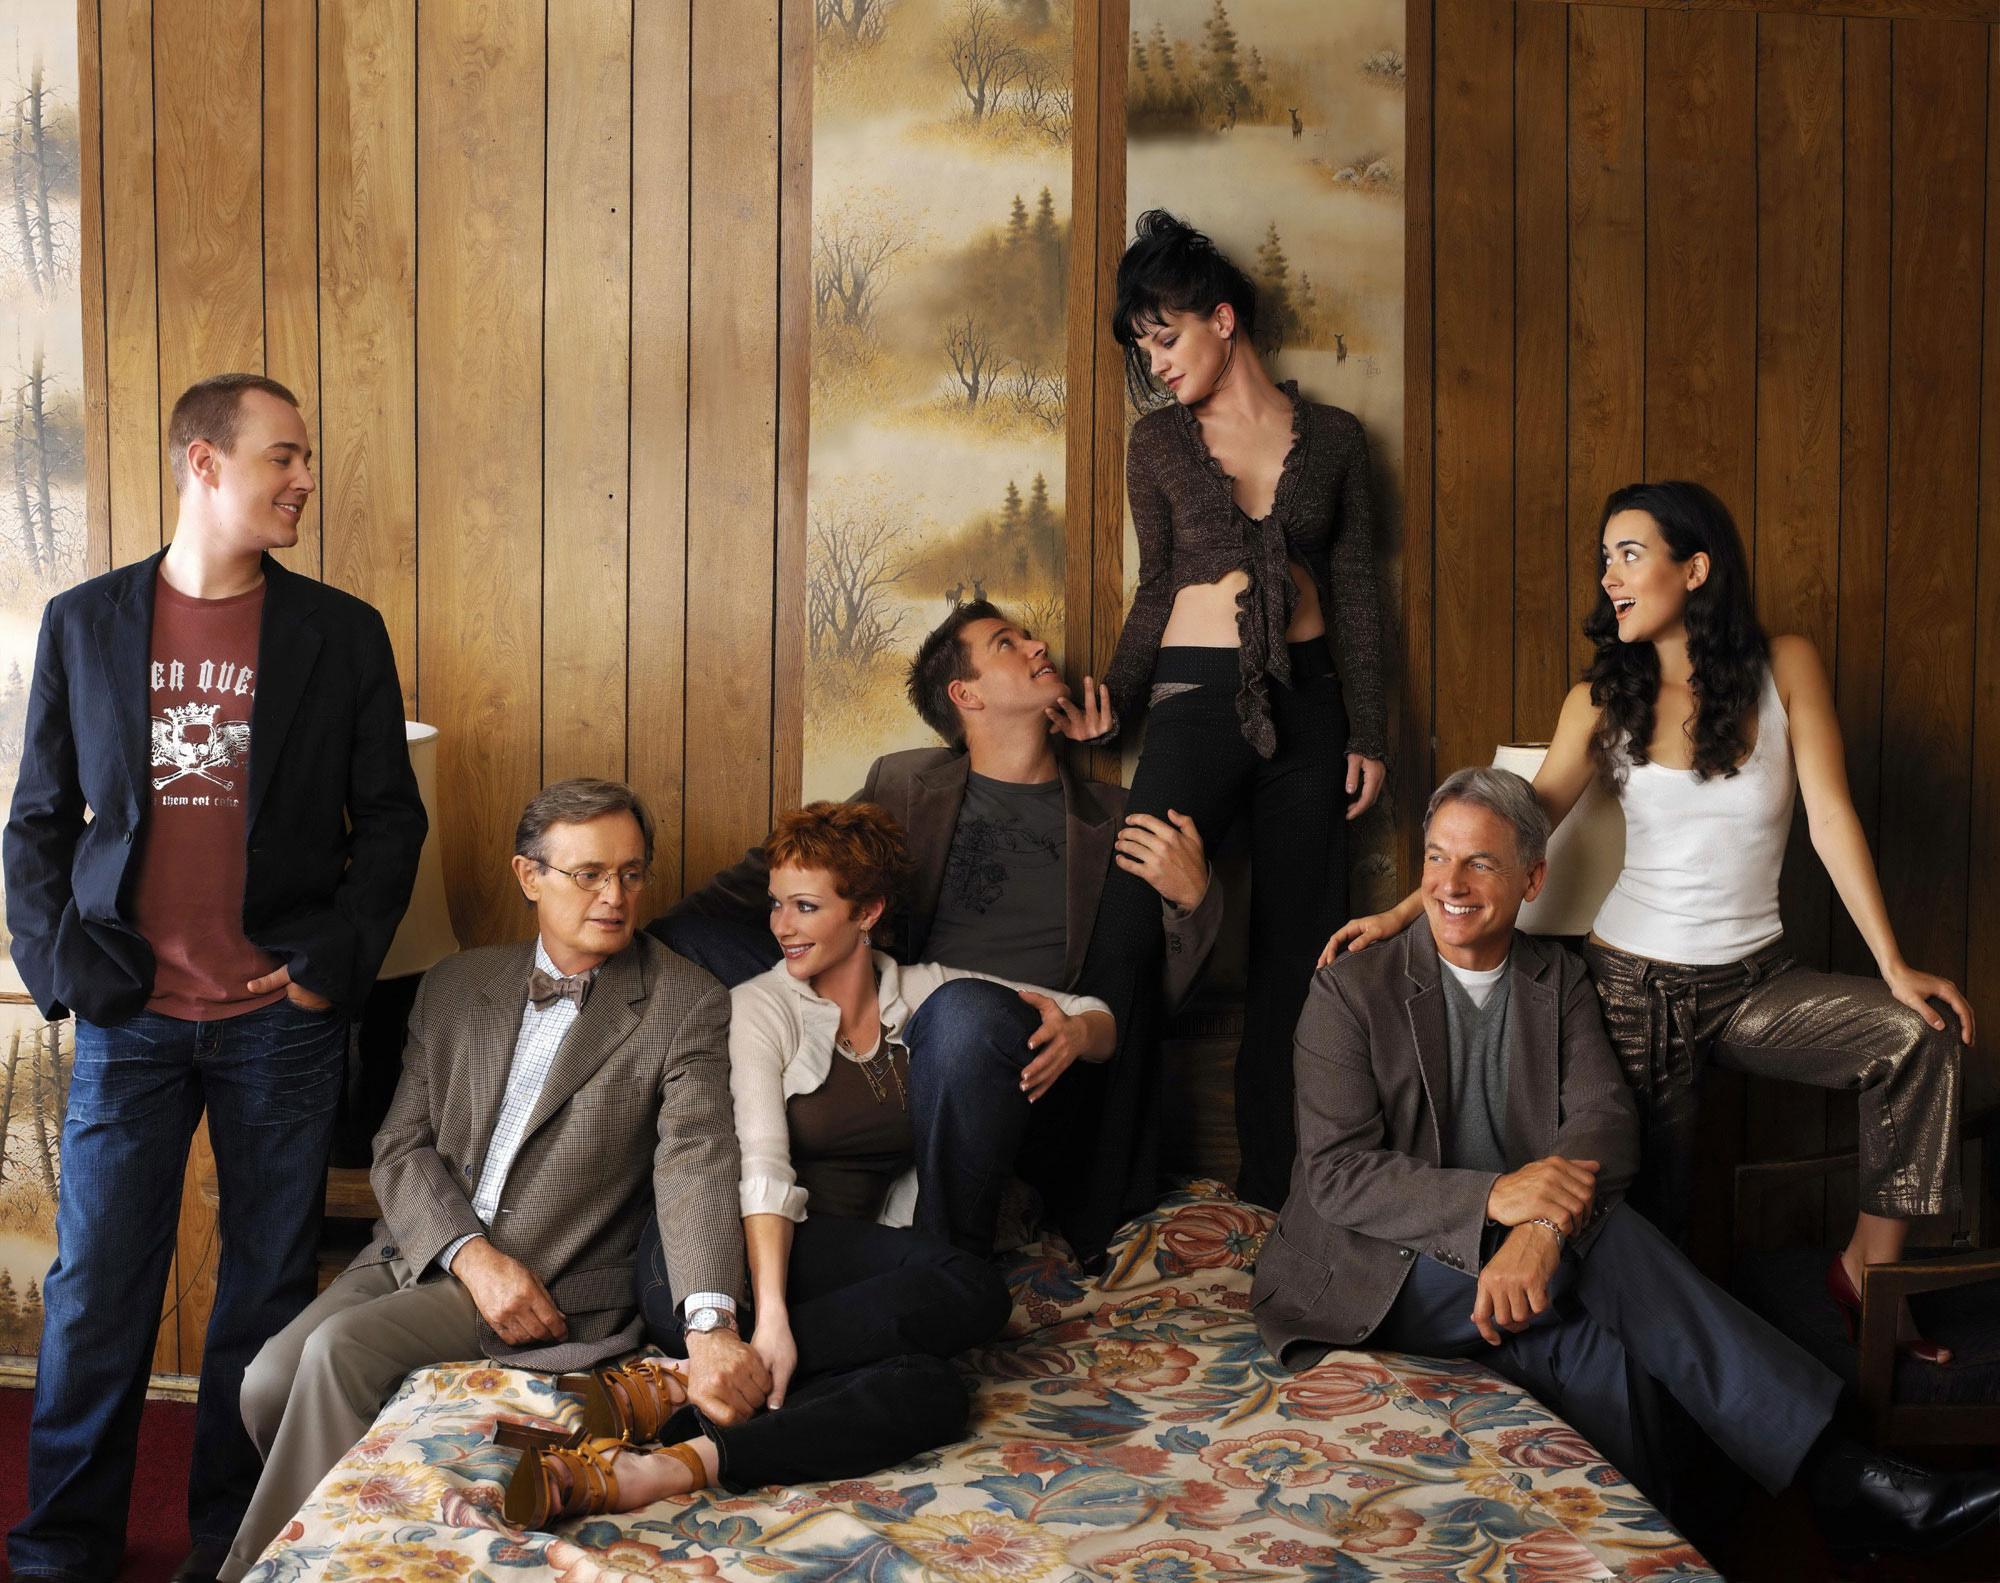 NCIS NCIS cast